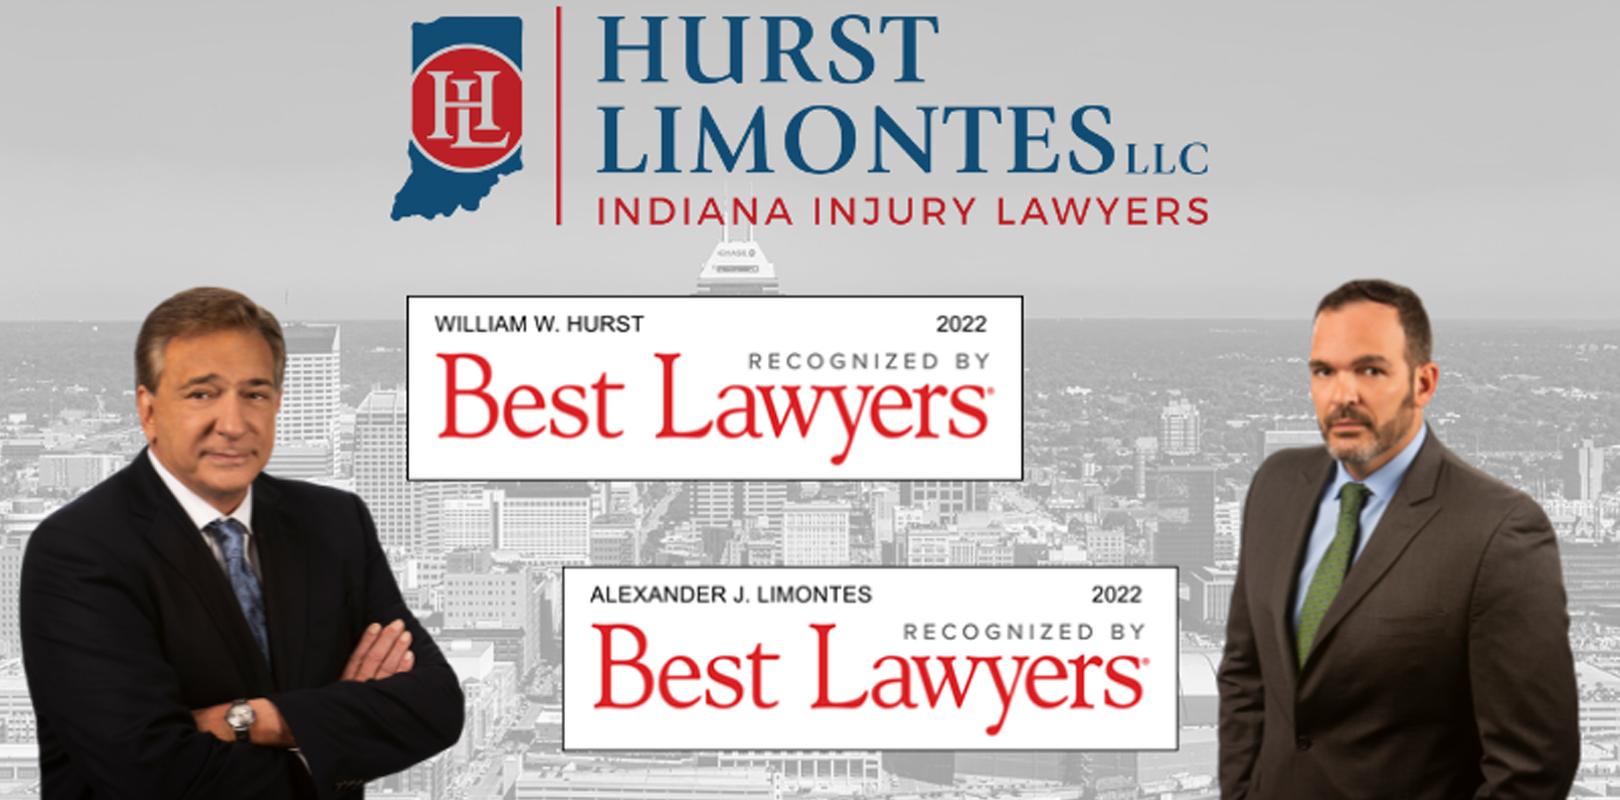 Alex y Willian mejores abogados de indiana